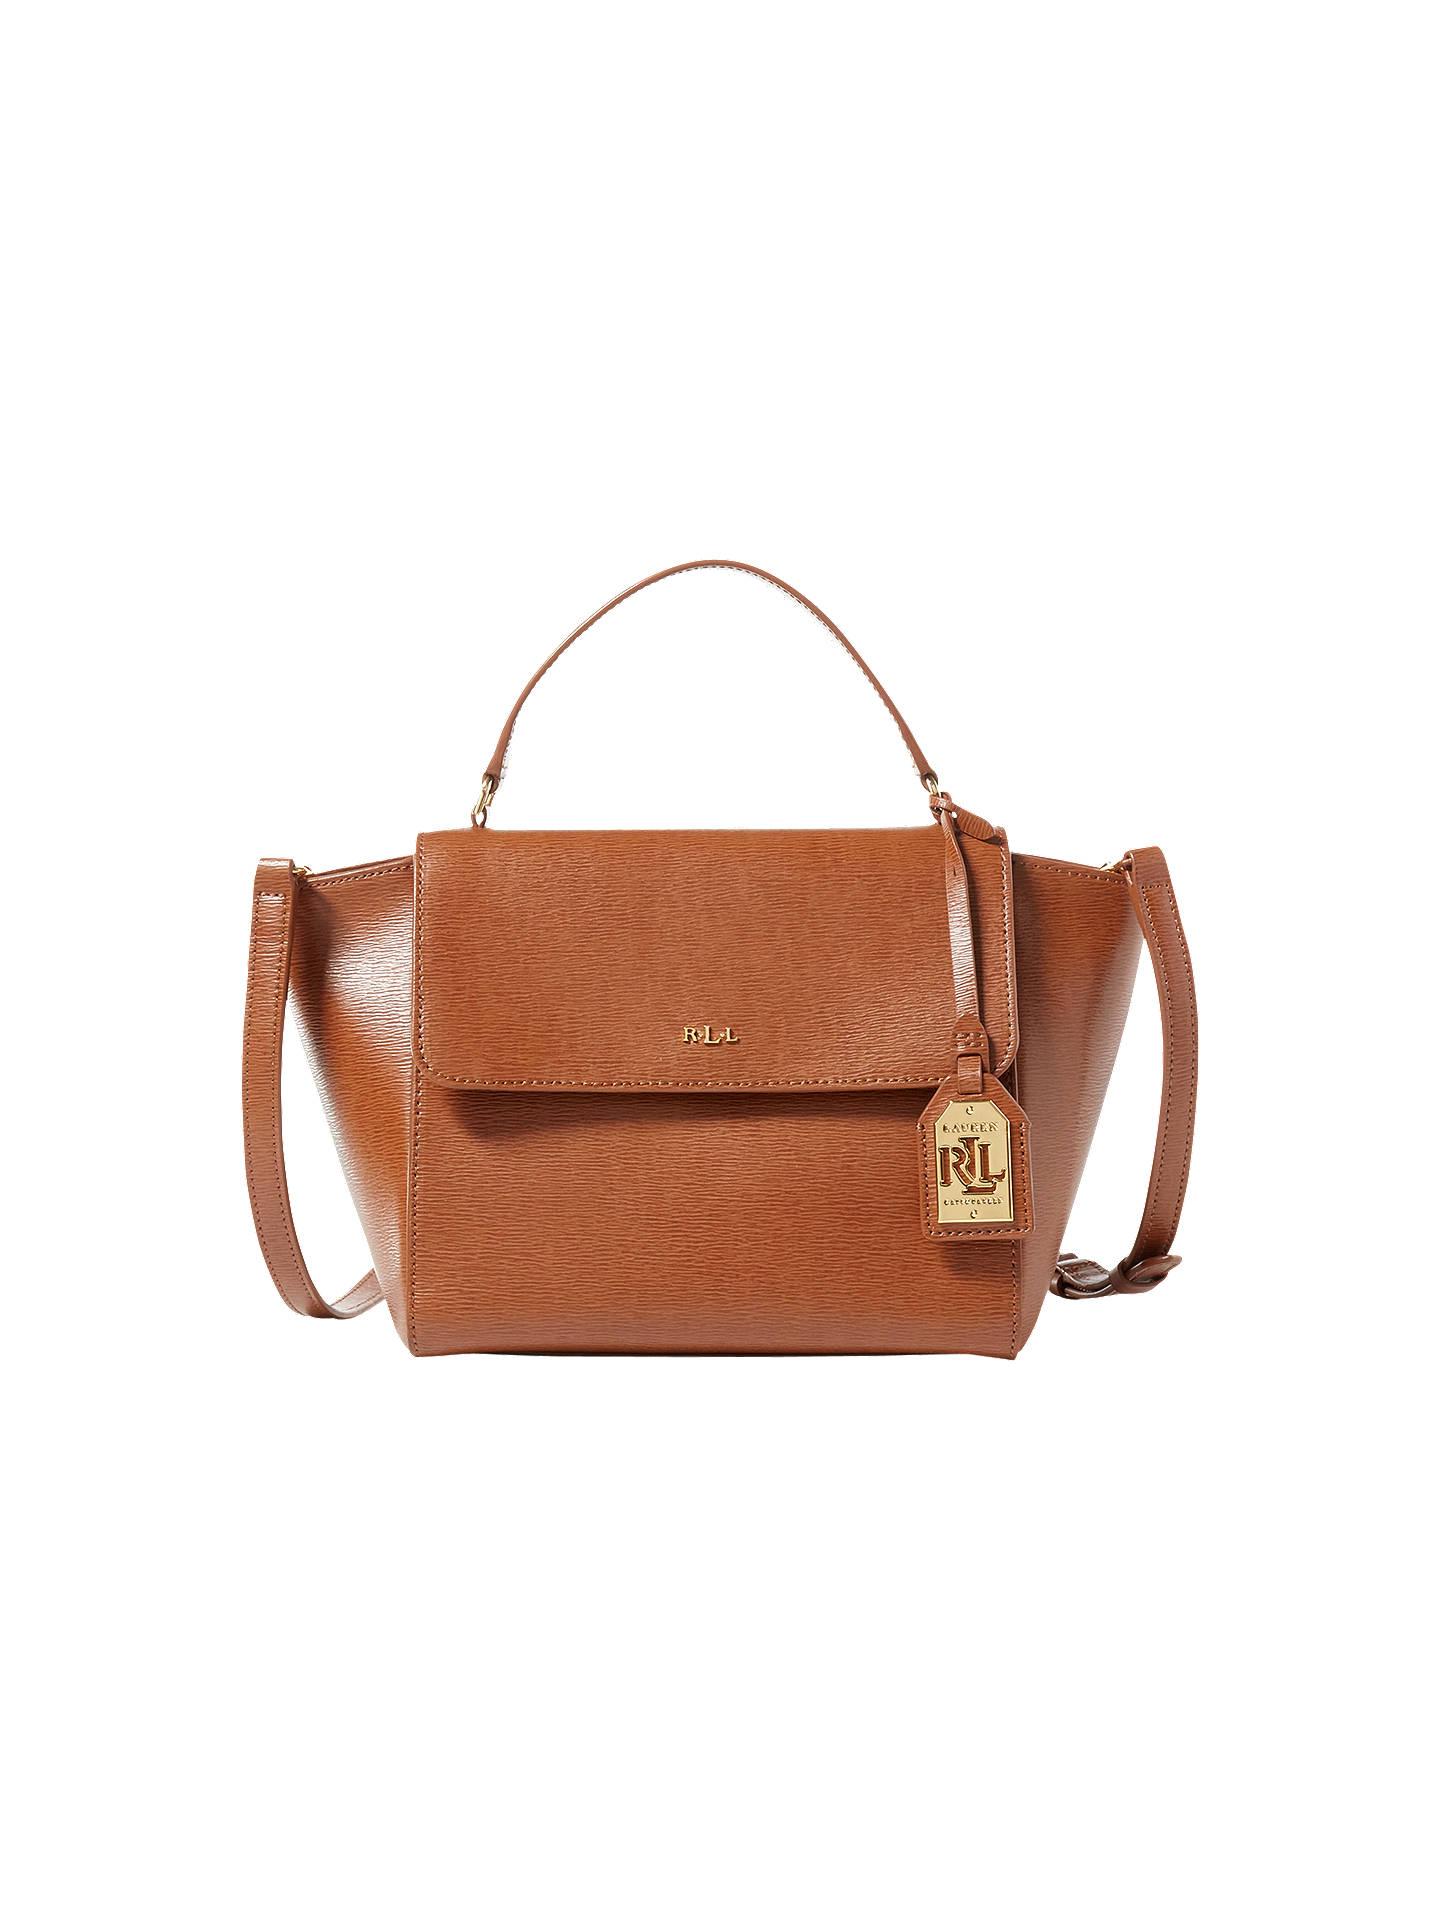 e4185952a45b BuyLauren Ralph Lauren Barclay Leather Crossbody Handbag